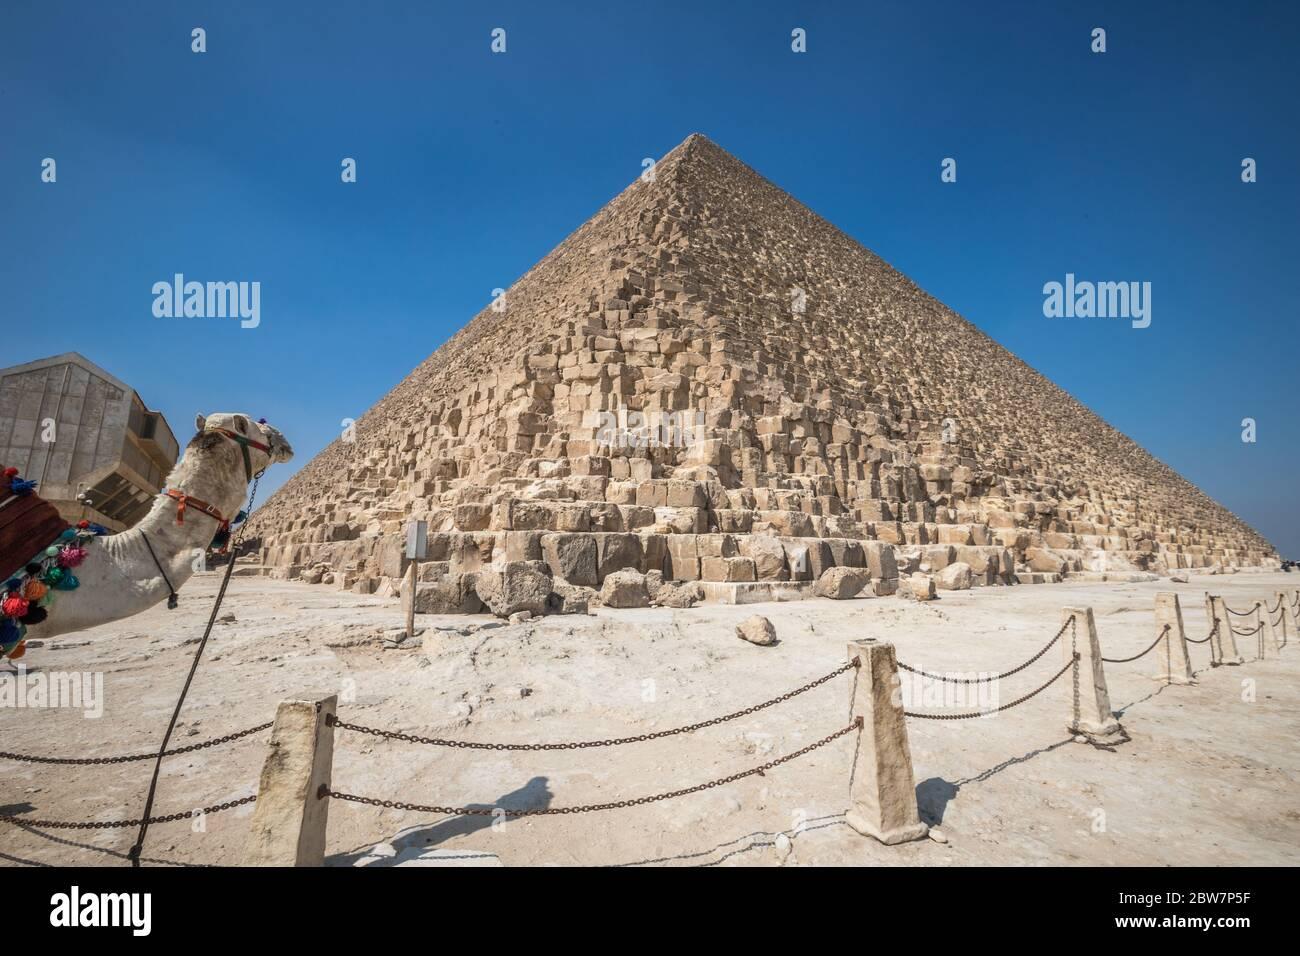 View of Egyptian Pyramids Stock Photo